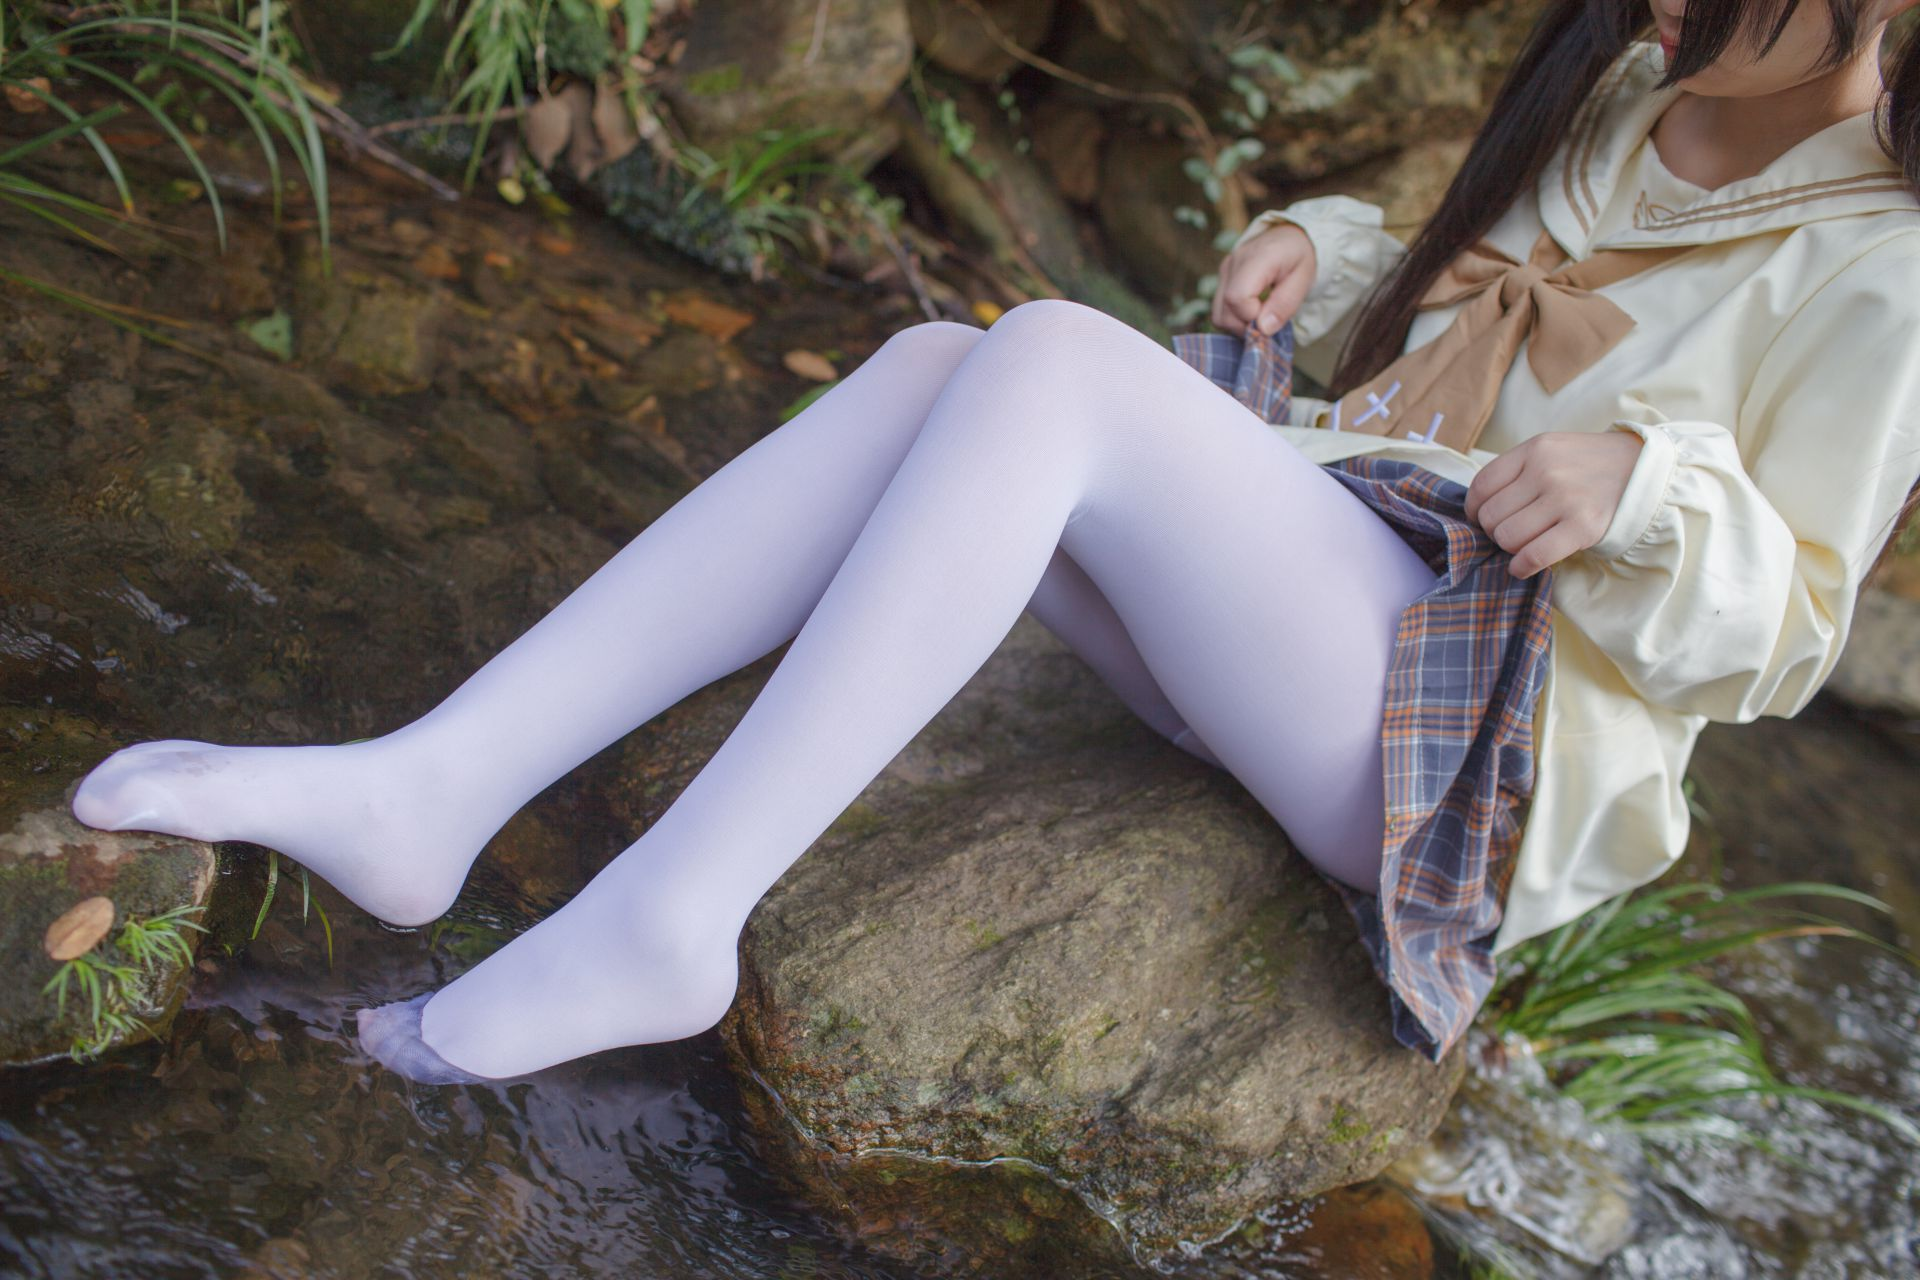 少女秩序 EXVOL.02 白丝户外 活捉野外小姐姐 兔玩映画 第37张